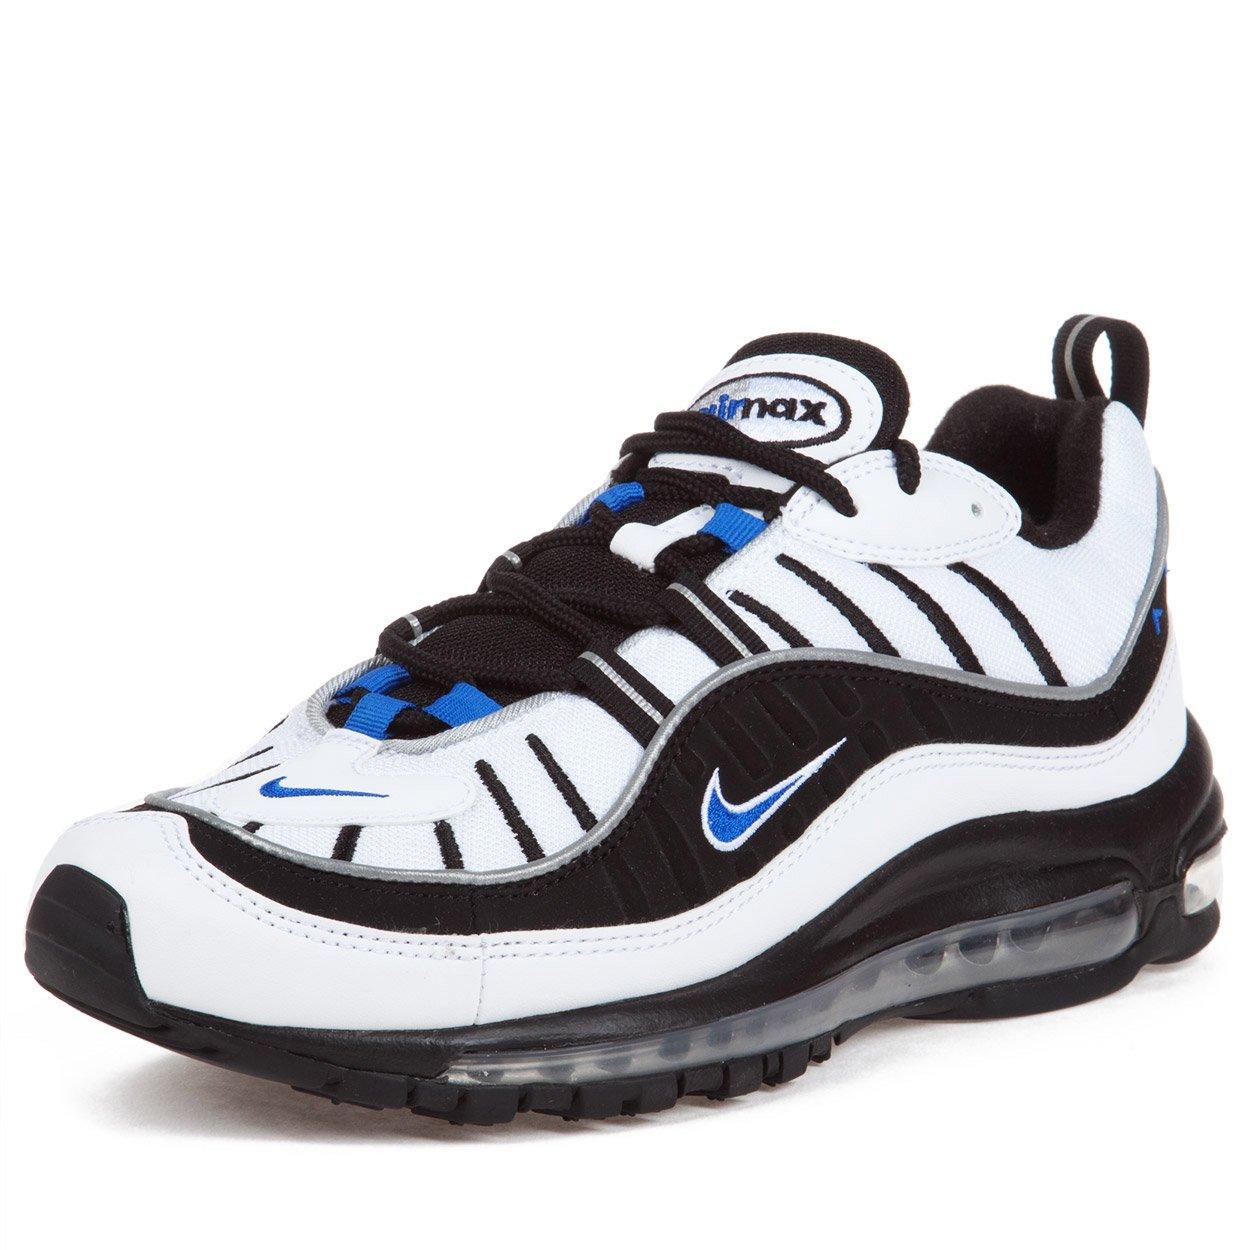 Nike Air Max 98 - White Hyper Cobalt-Black-Metallic Silver 7fb10a739f